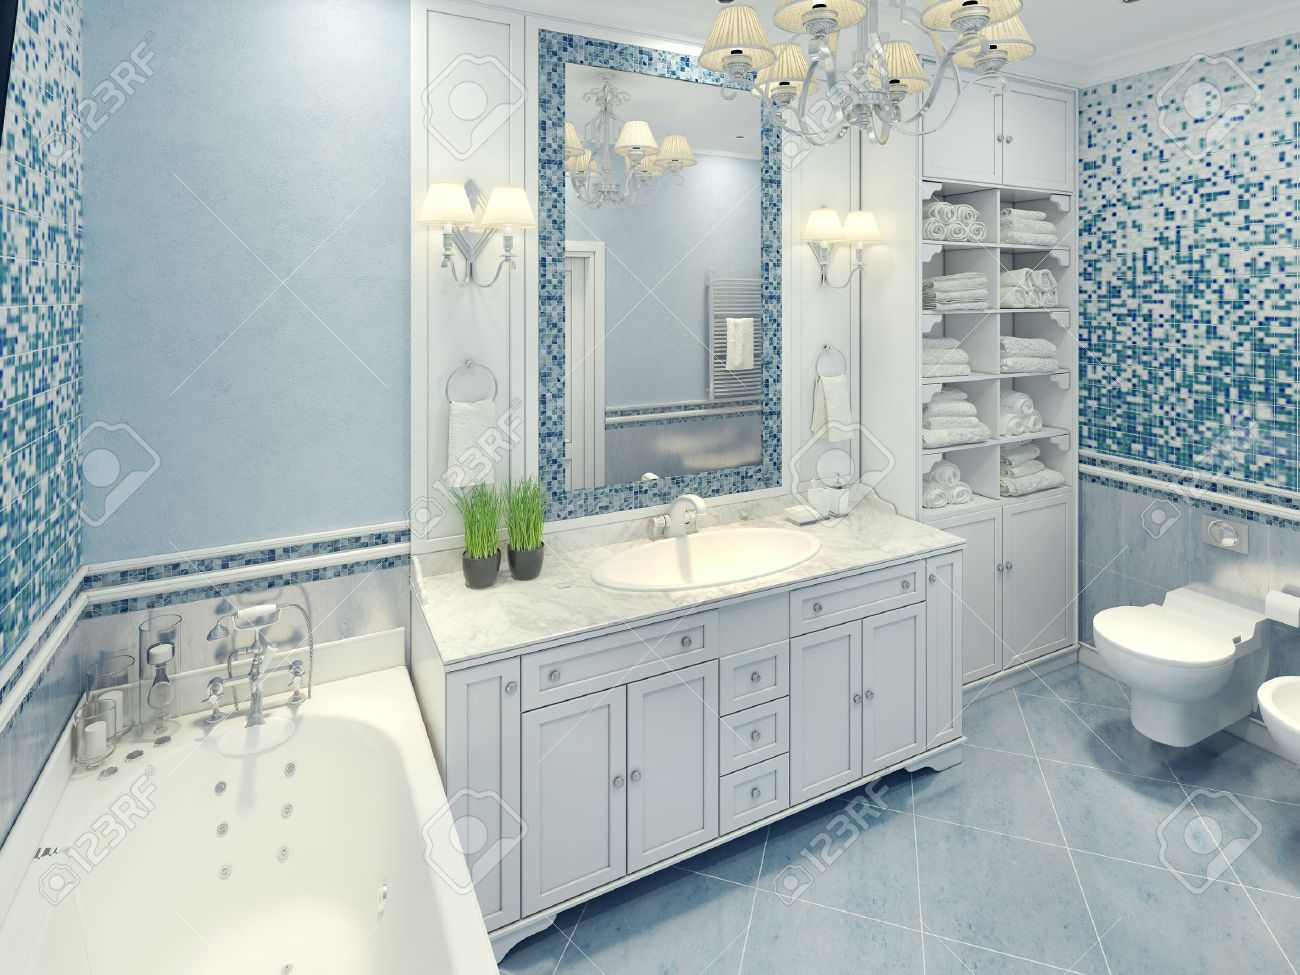 Badkamerverlichting art deco art deco badkamer luxe decoration